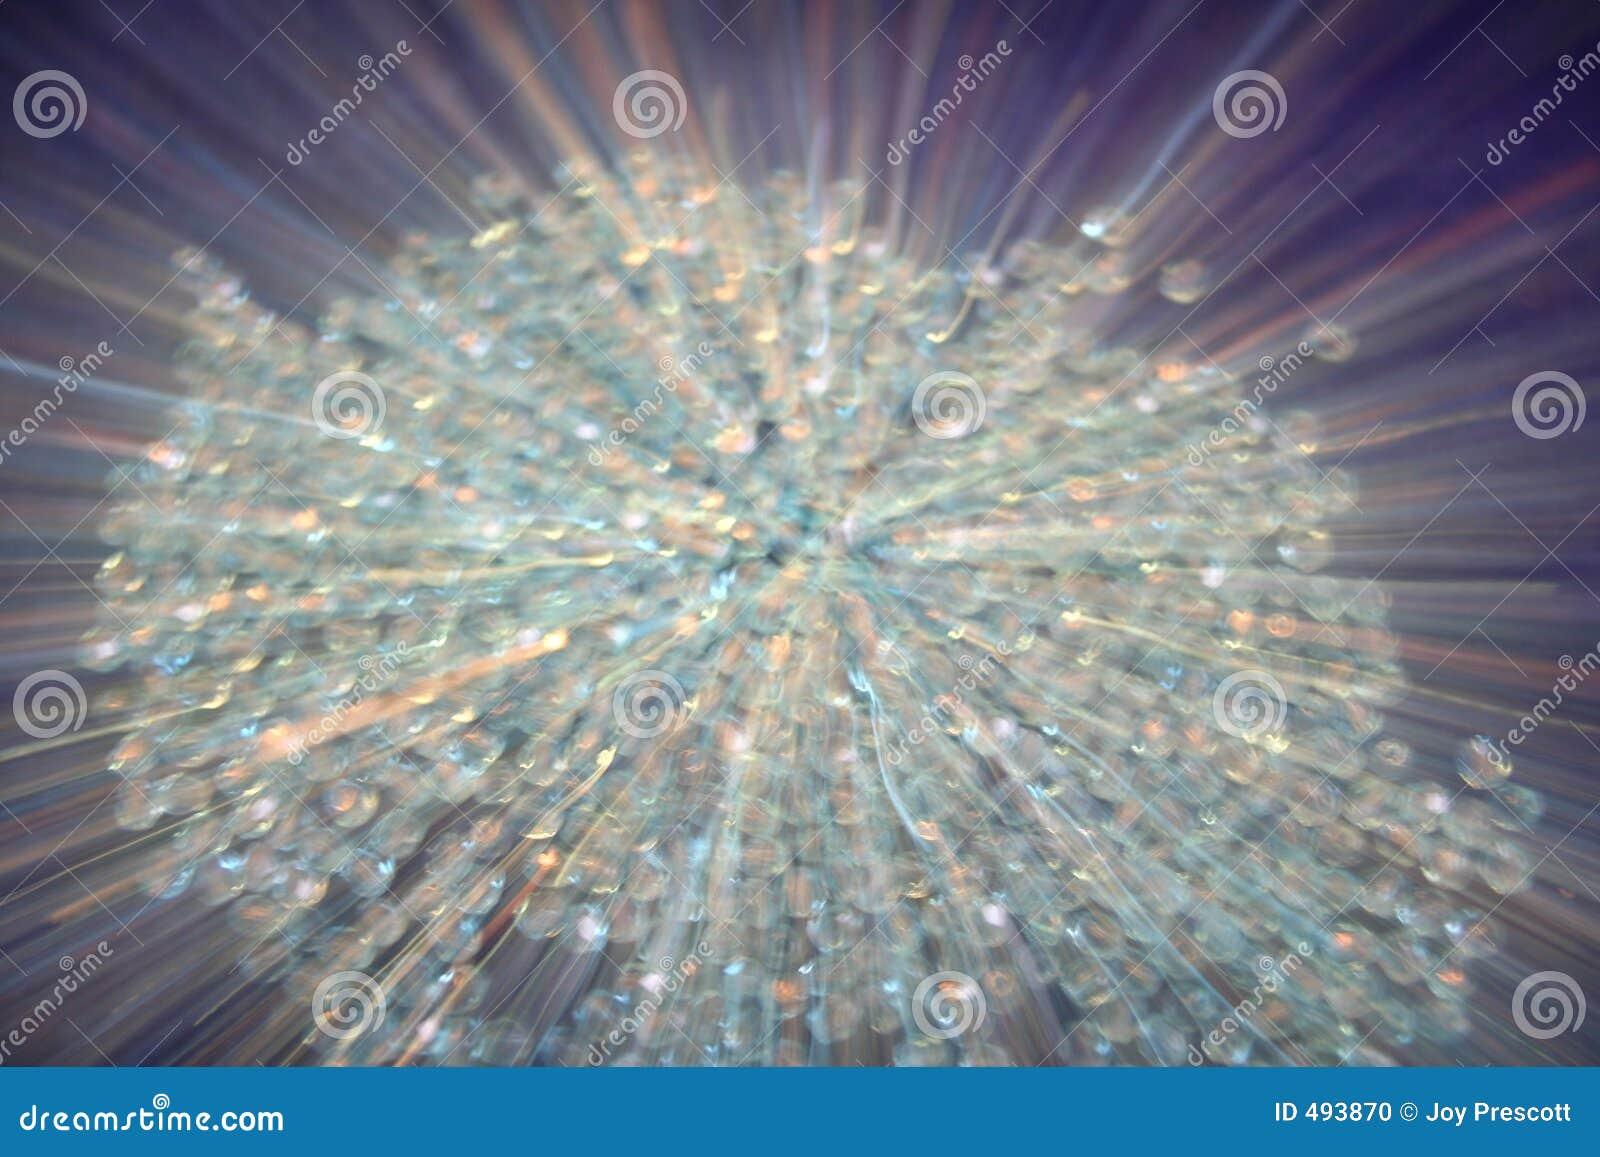 Funkelnde Diamanten